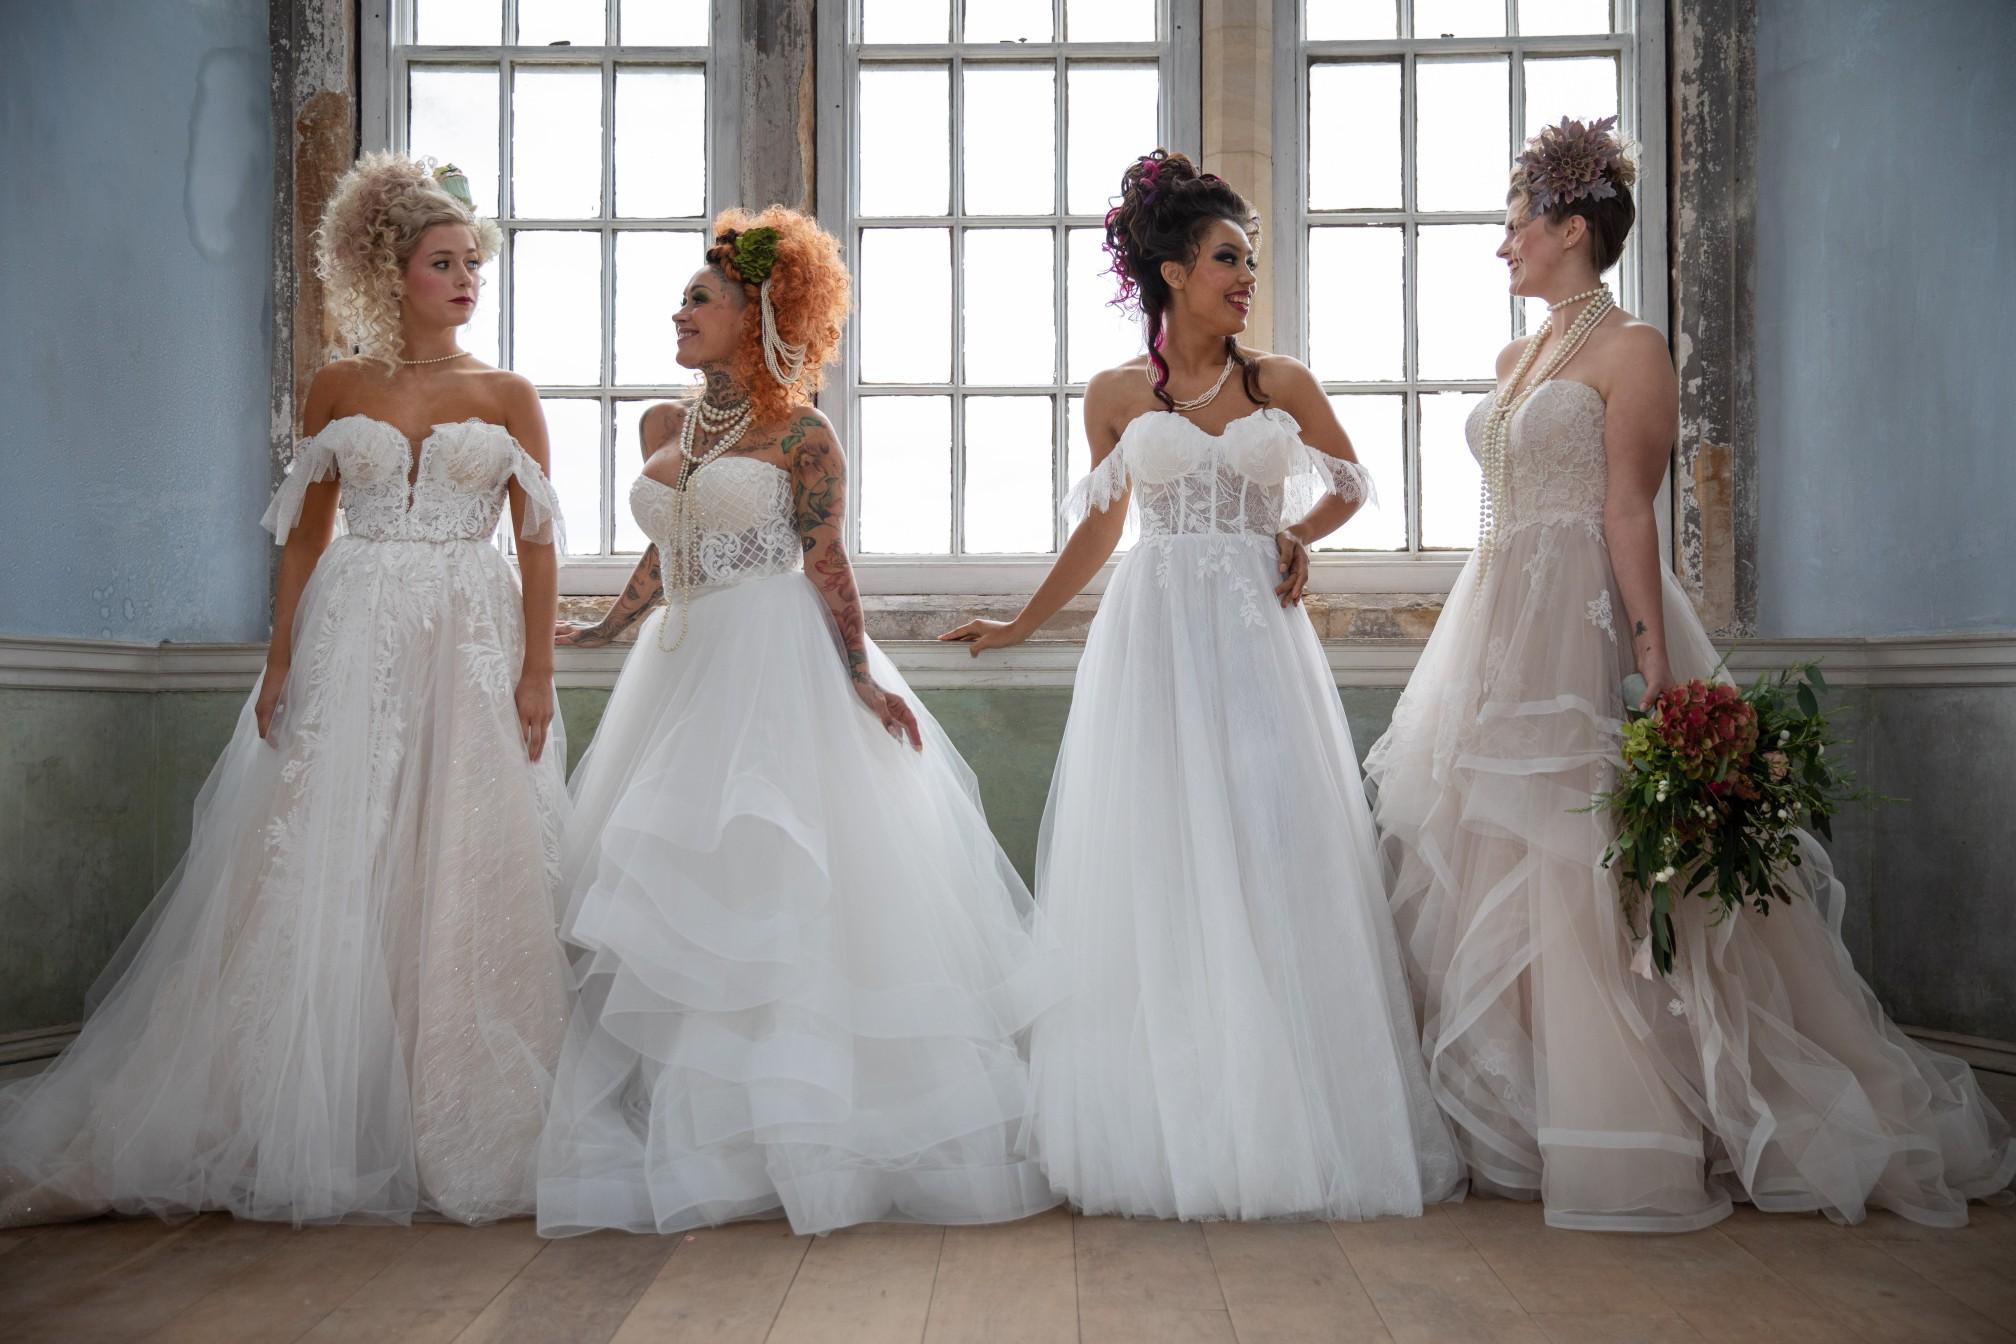 unique pastel wedding - marie antionette wedding - unique bridal look - unique bridal style - themed wedding - vintage wedding dresses